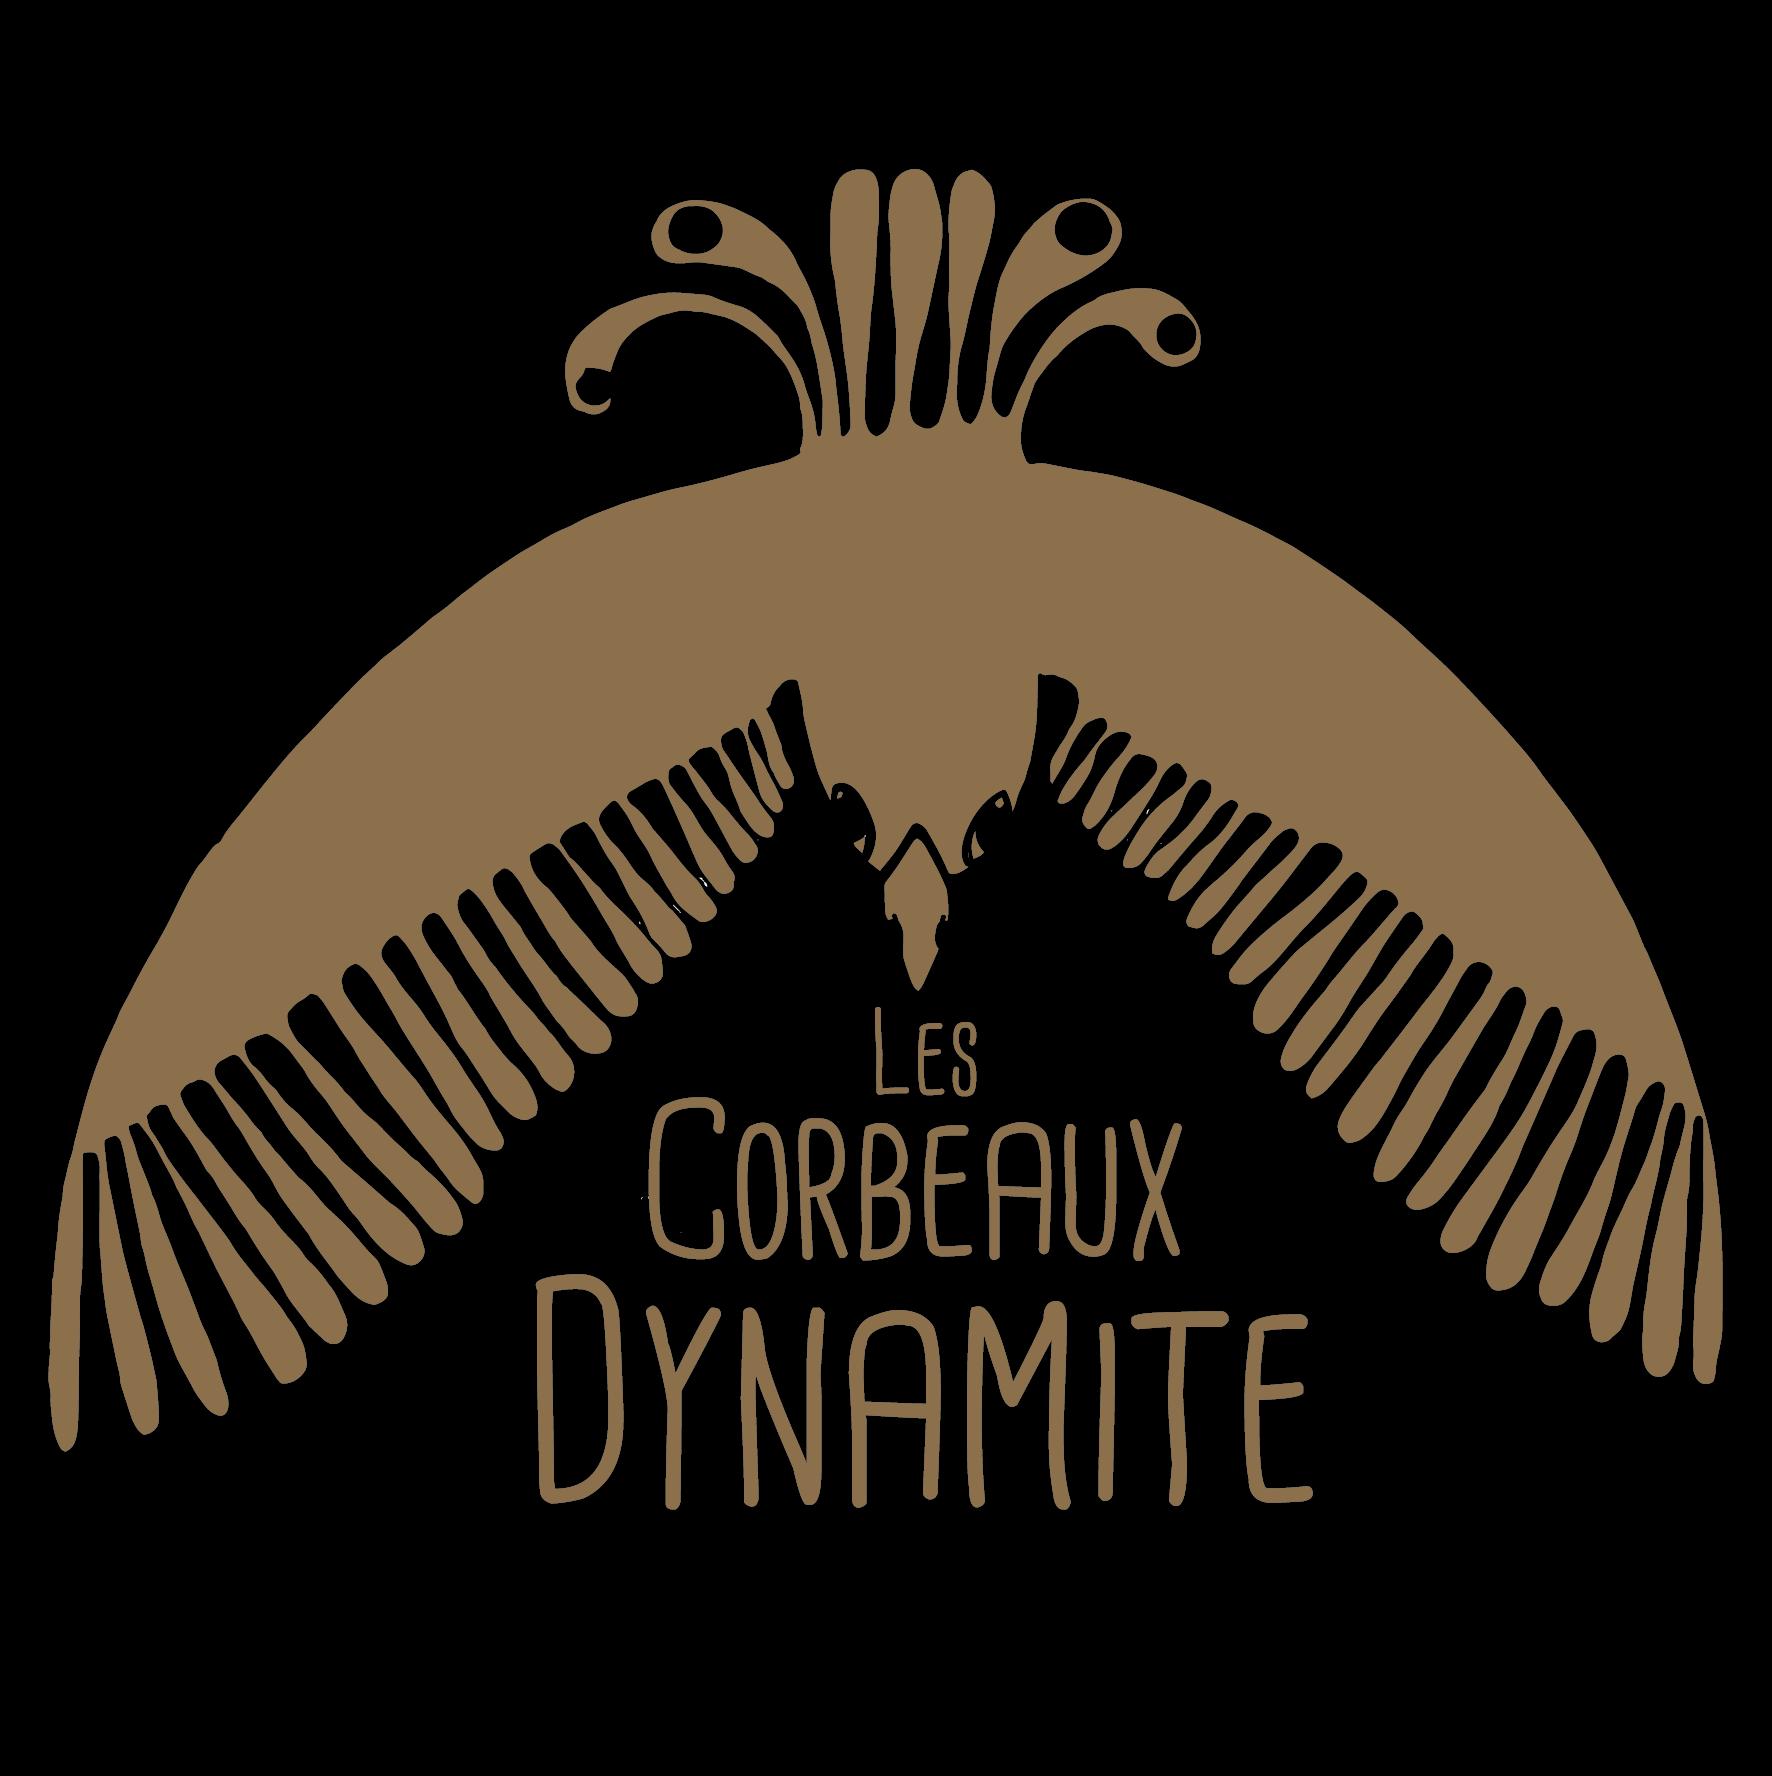 Les Corbeaux Dynamite